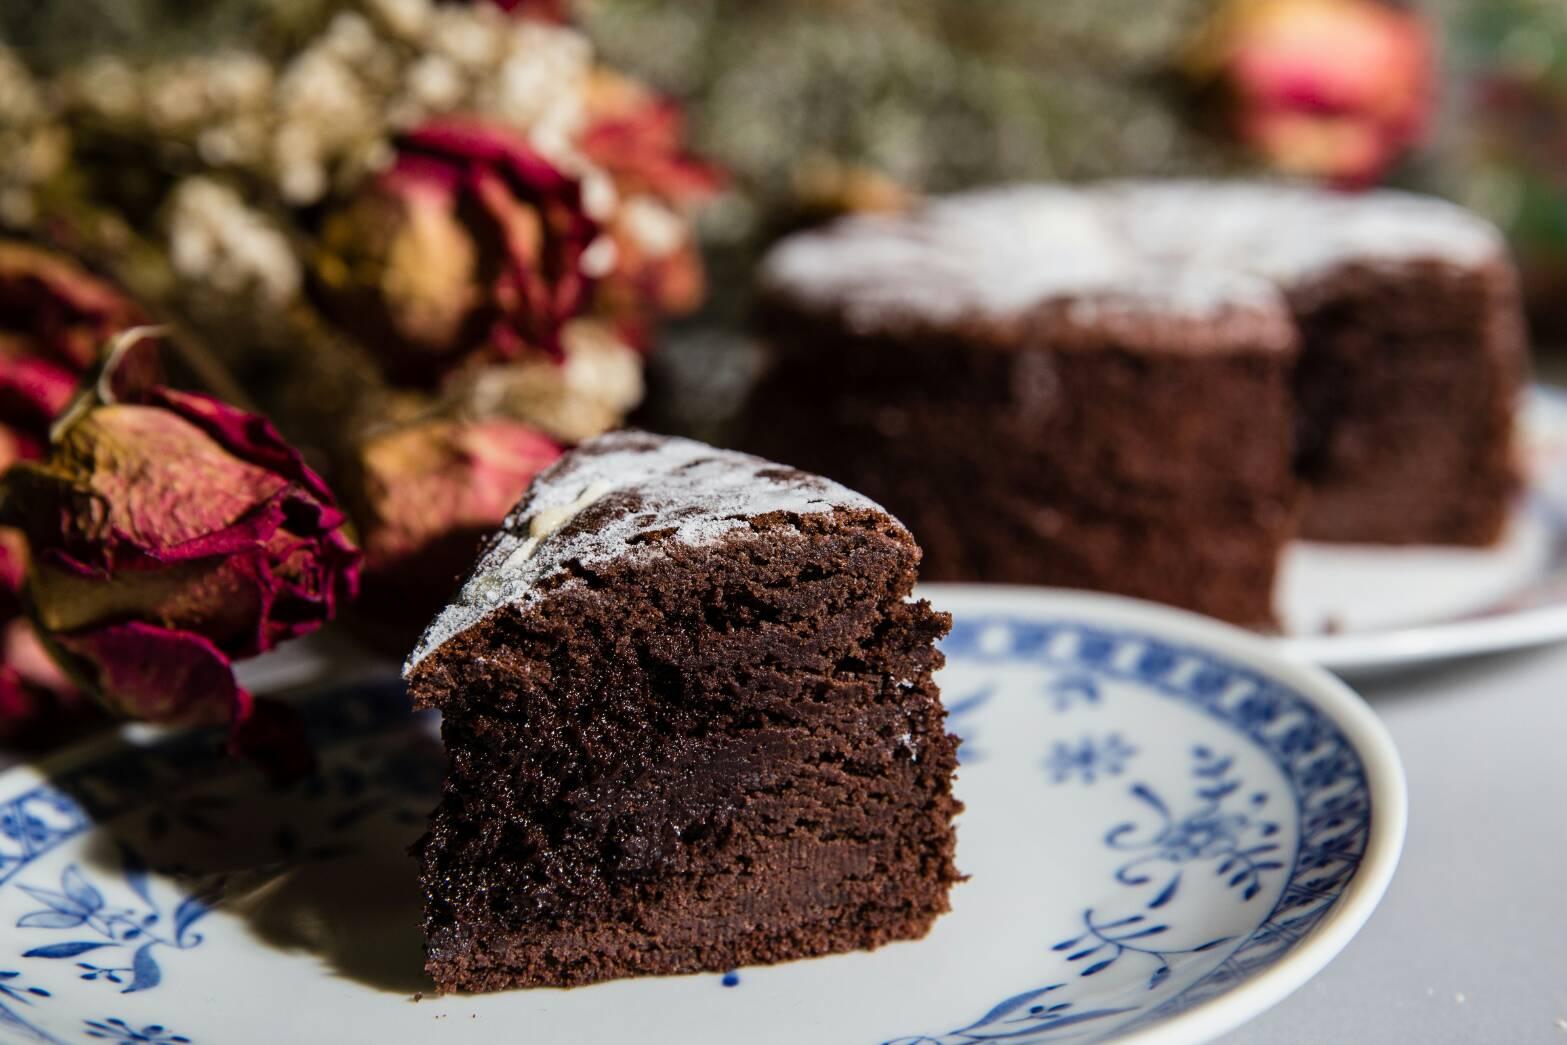 【品鑫蛋糕坊】法式古典巧克力蛋糕 5吋